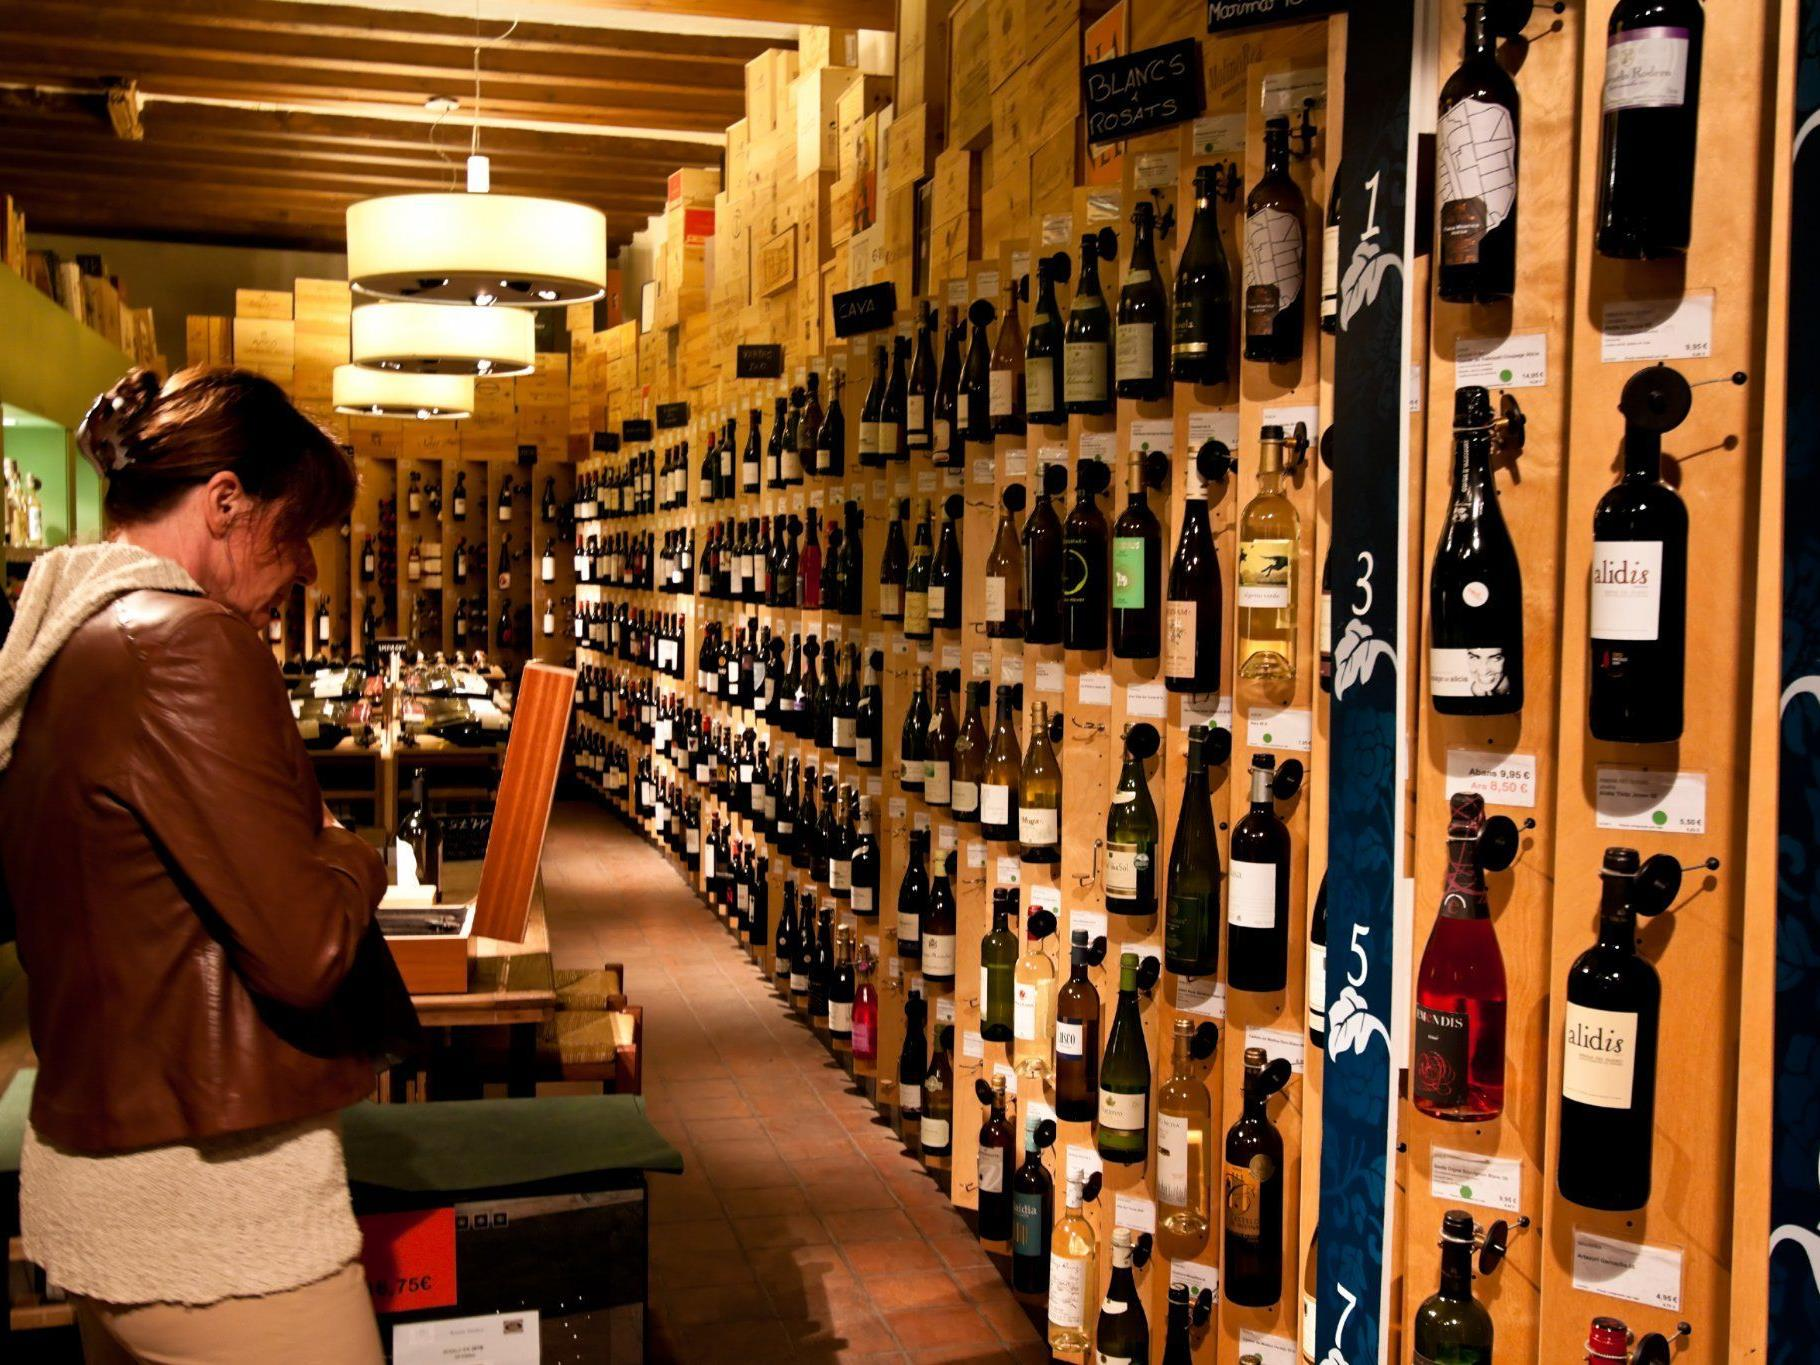 Am 11. Mai können am Tag der offenen Kellertür die neuen Wiener Weine verkostet werden